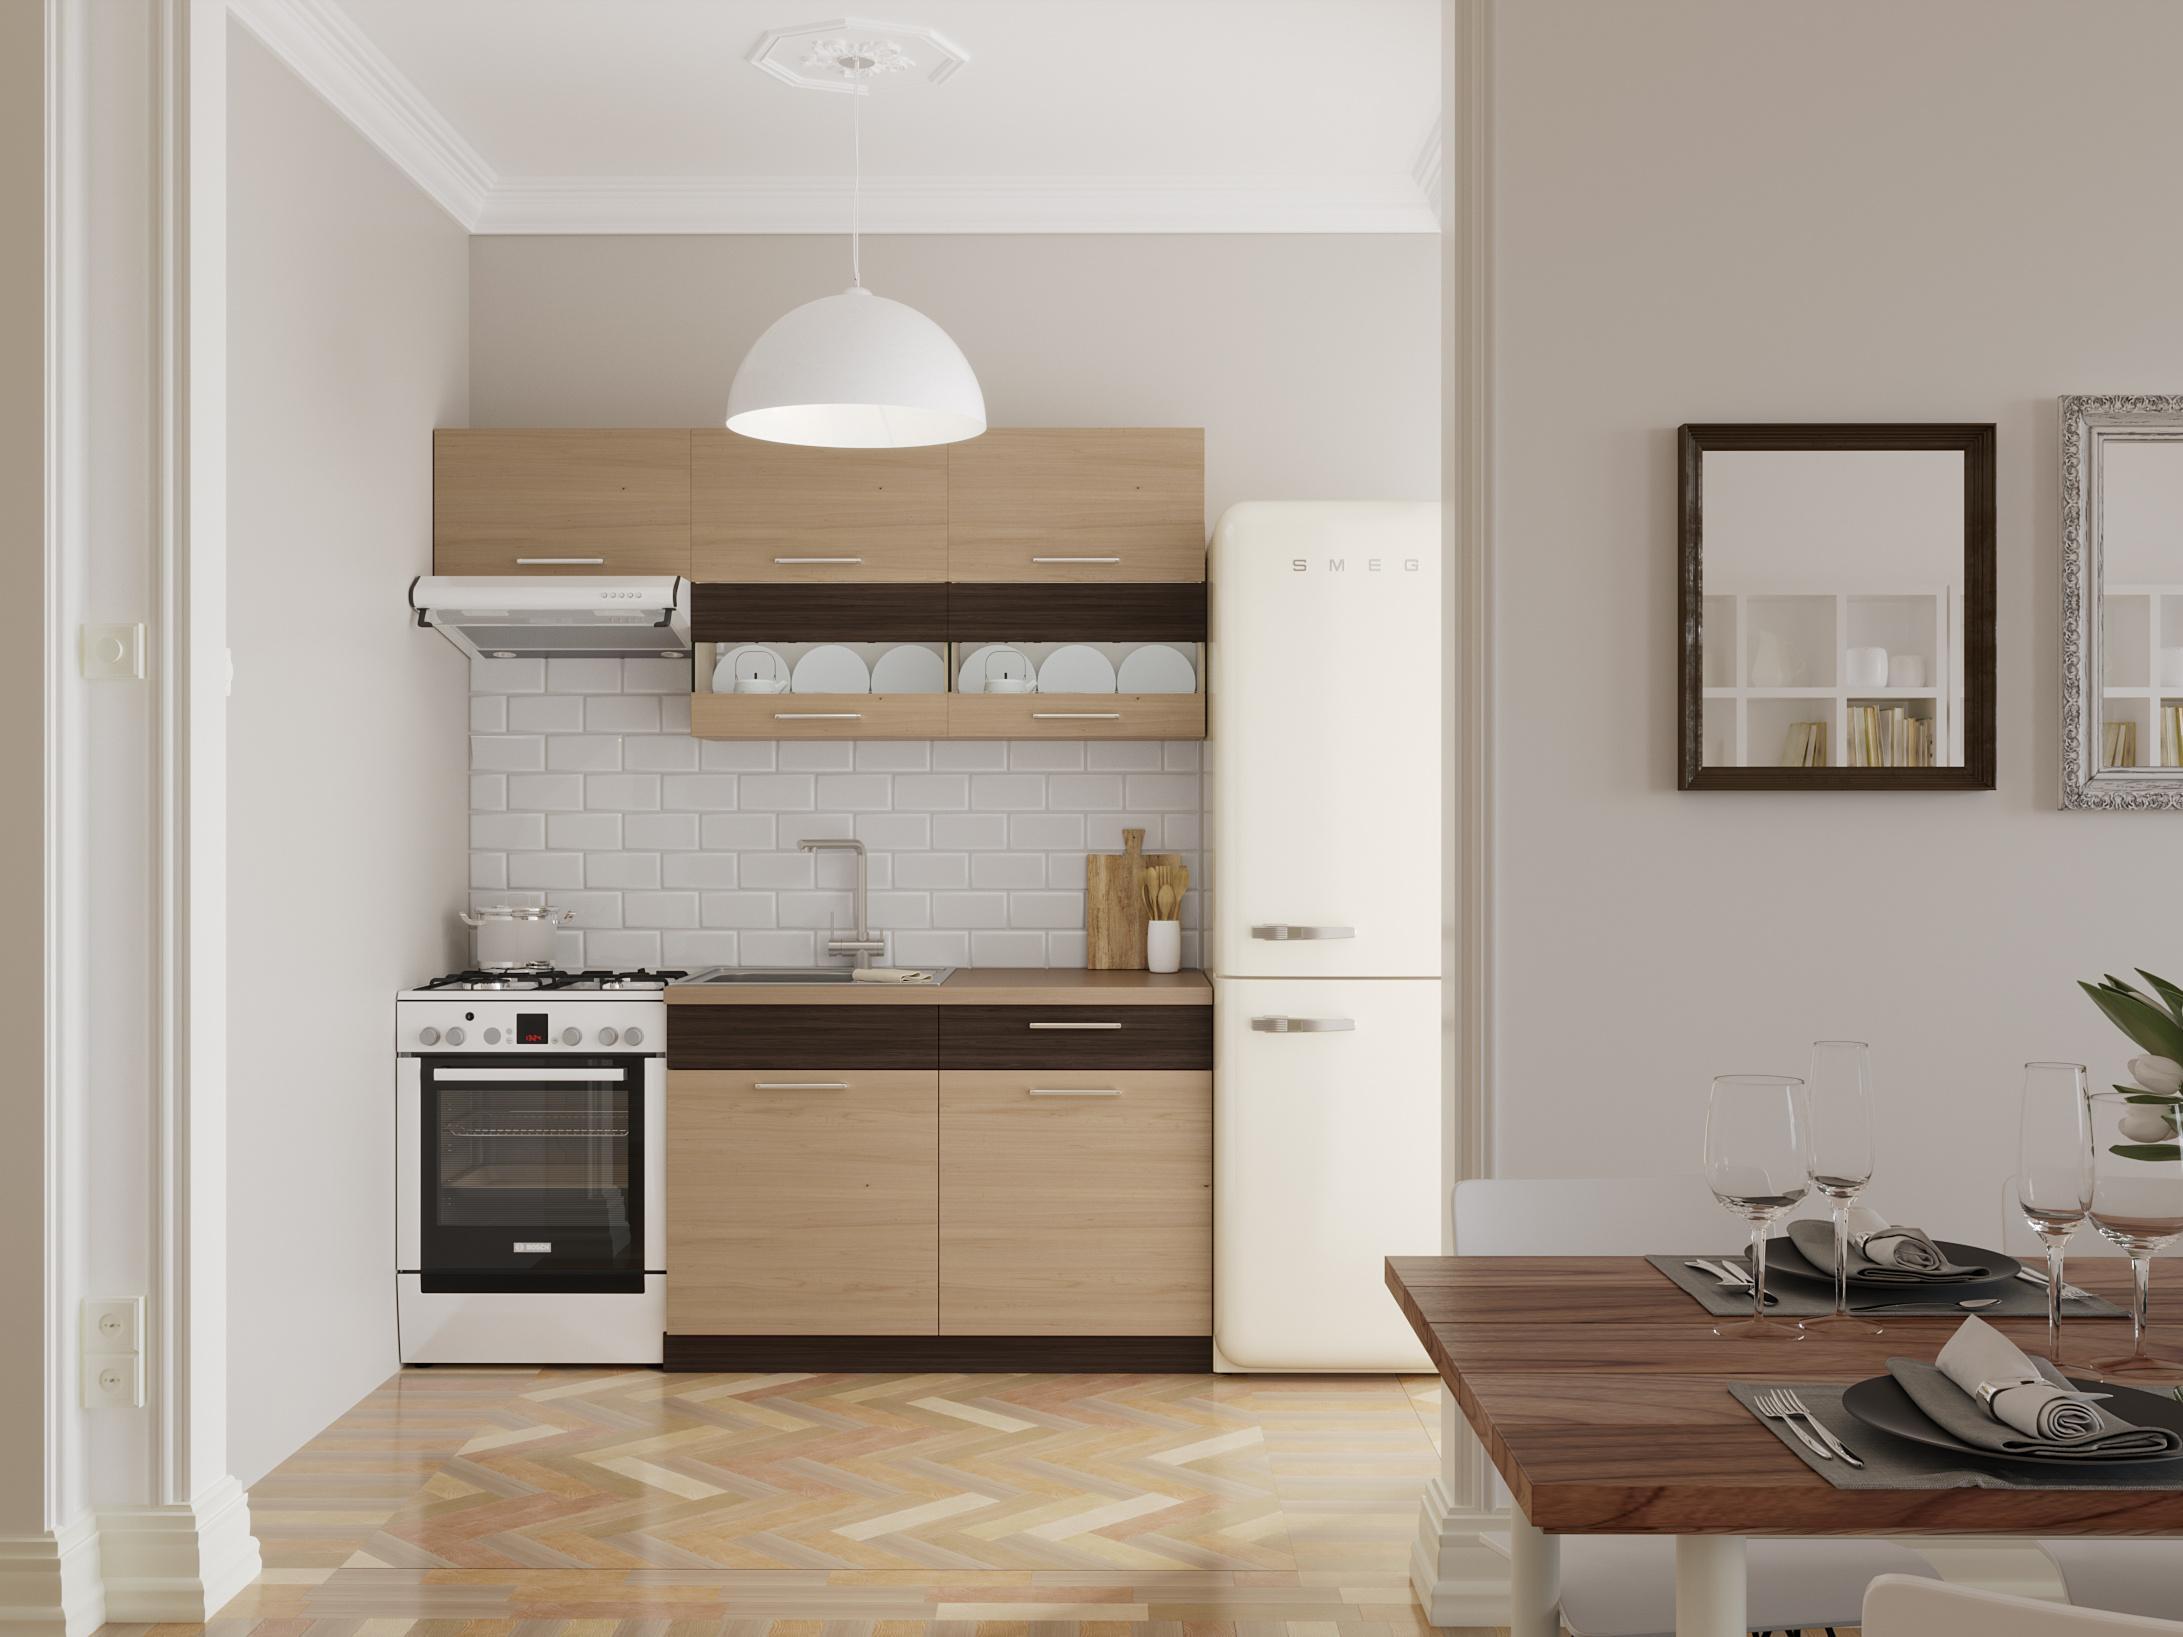 Kuchyně MODENA 120/180 cm, rijeka světlá